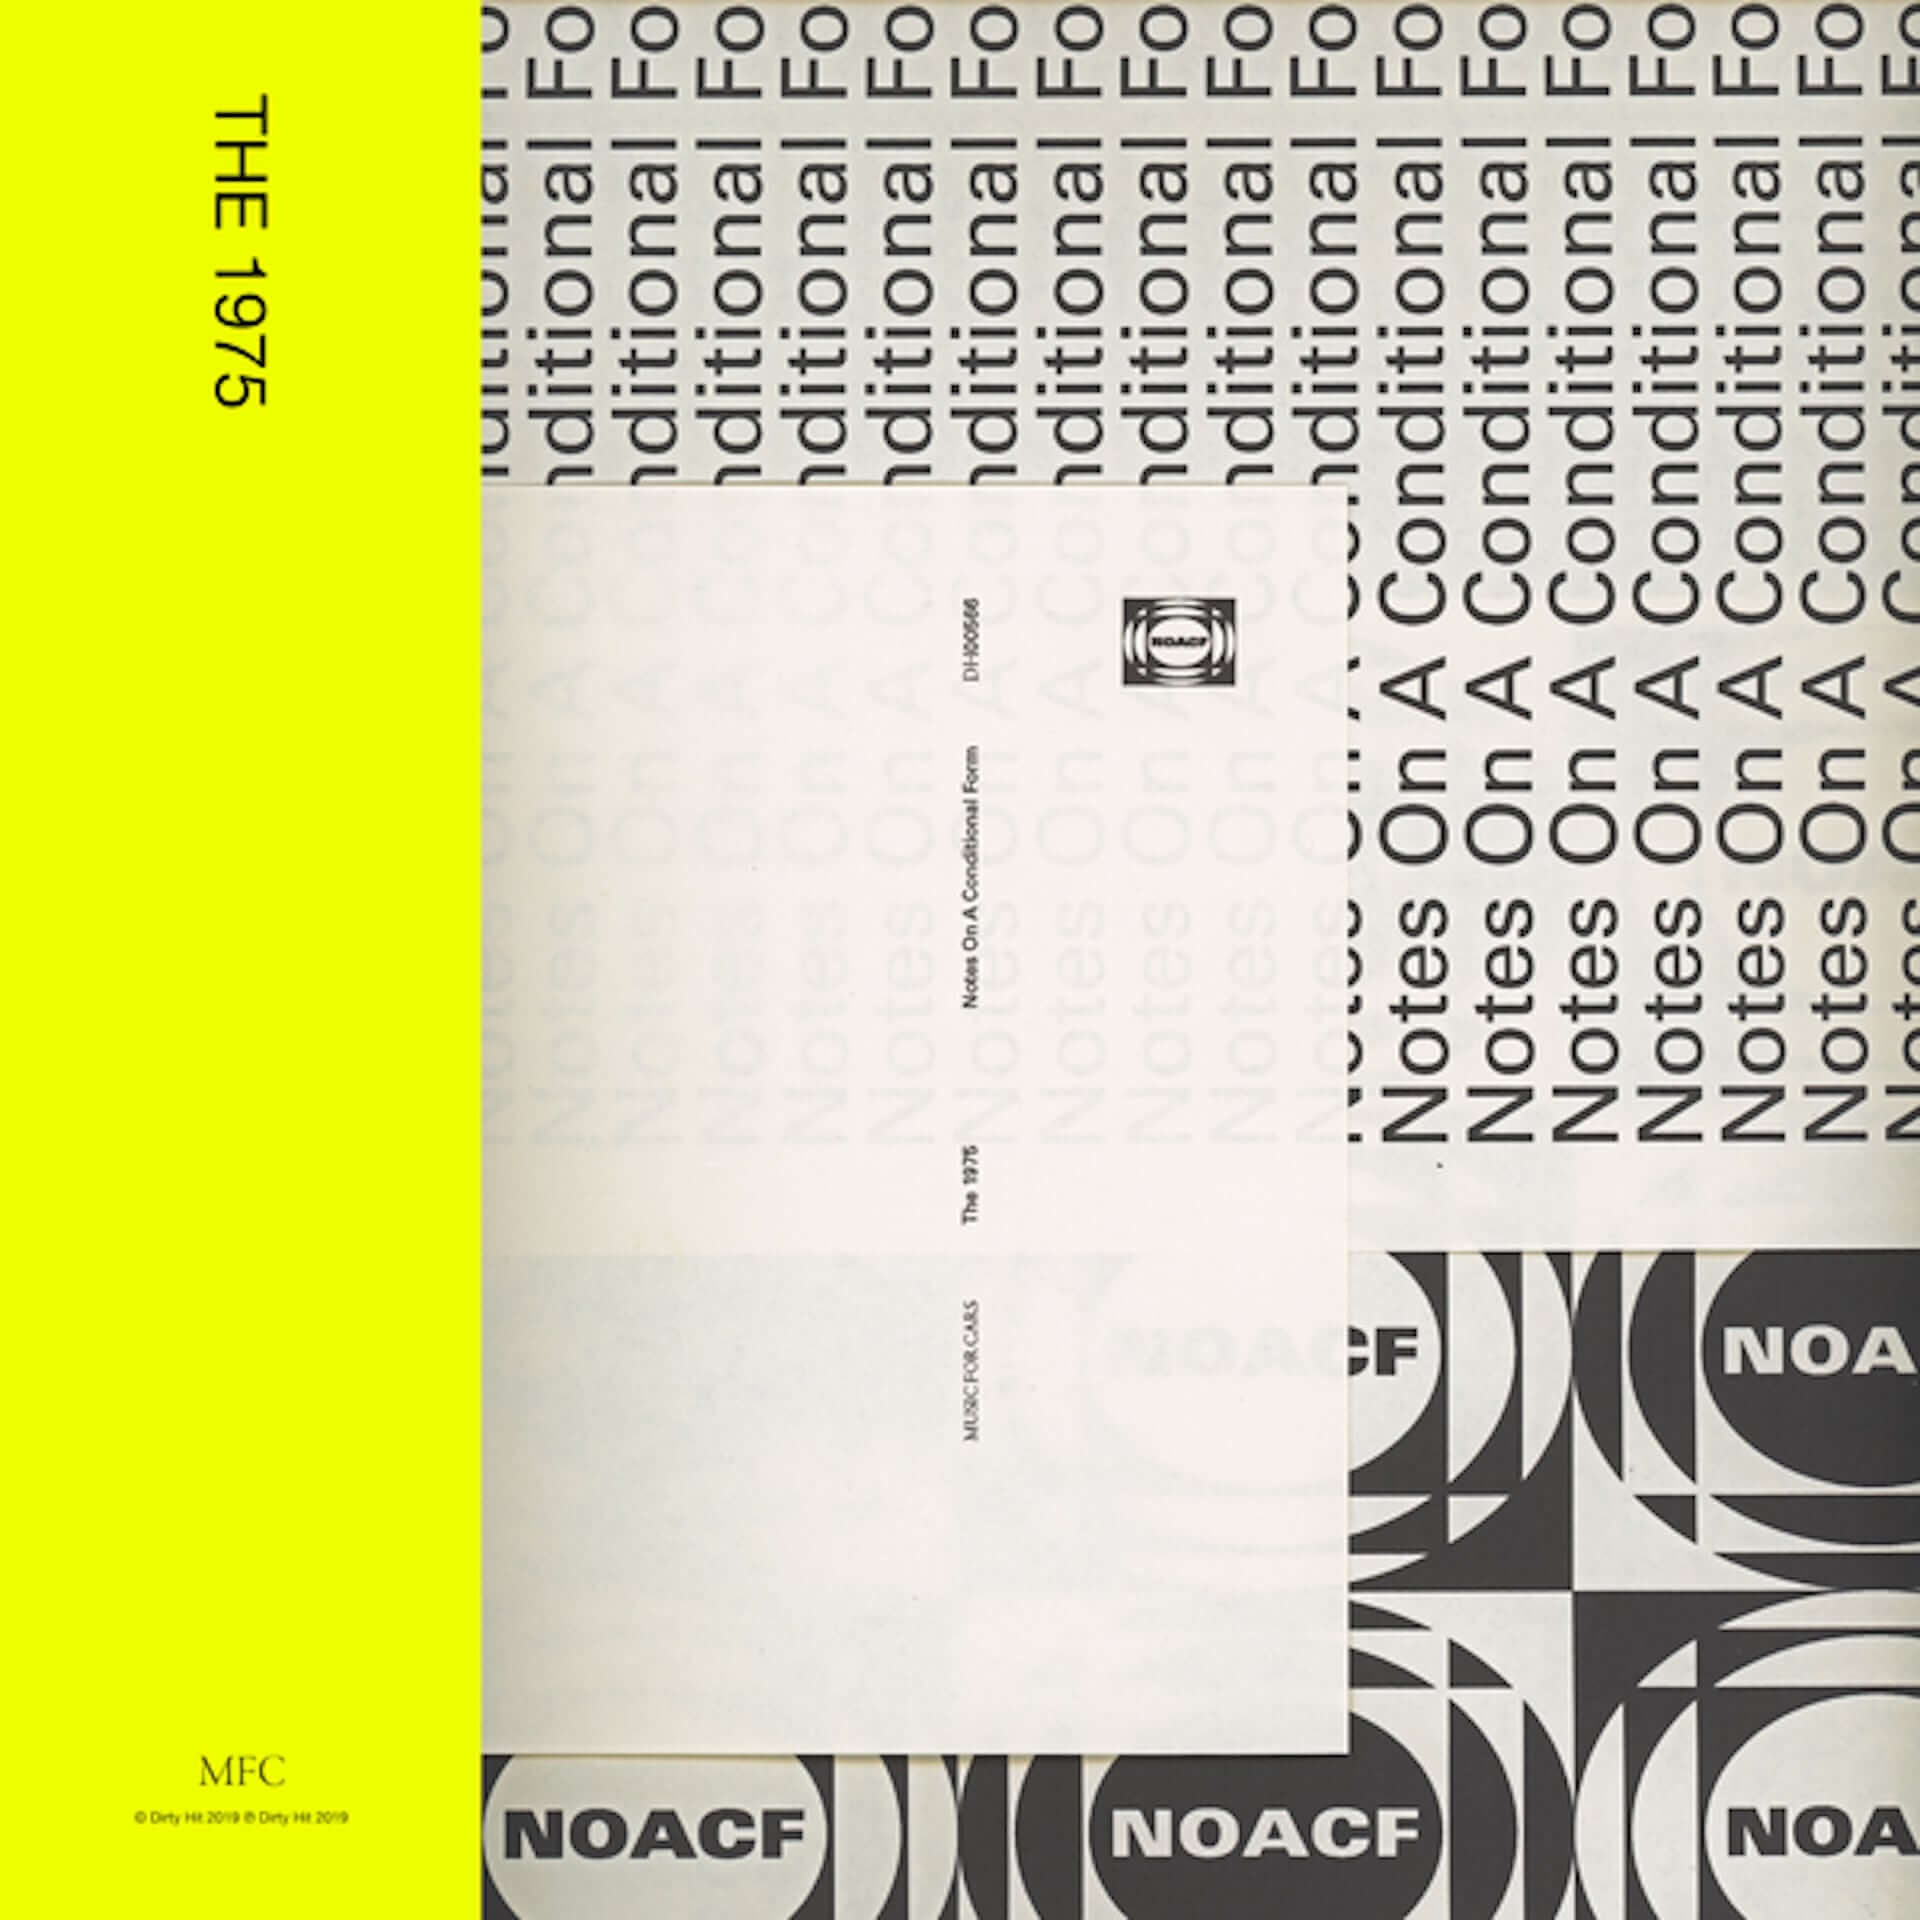 The 1975の新アルバムが発売延期に|専属デザイナーによる日本盤CD特典が決定 music200331_the_1975_1-1920x1920